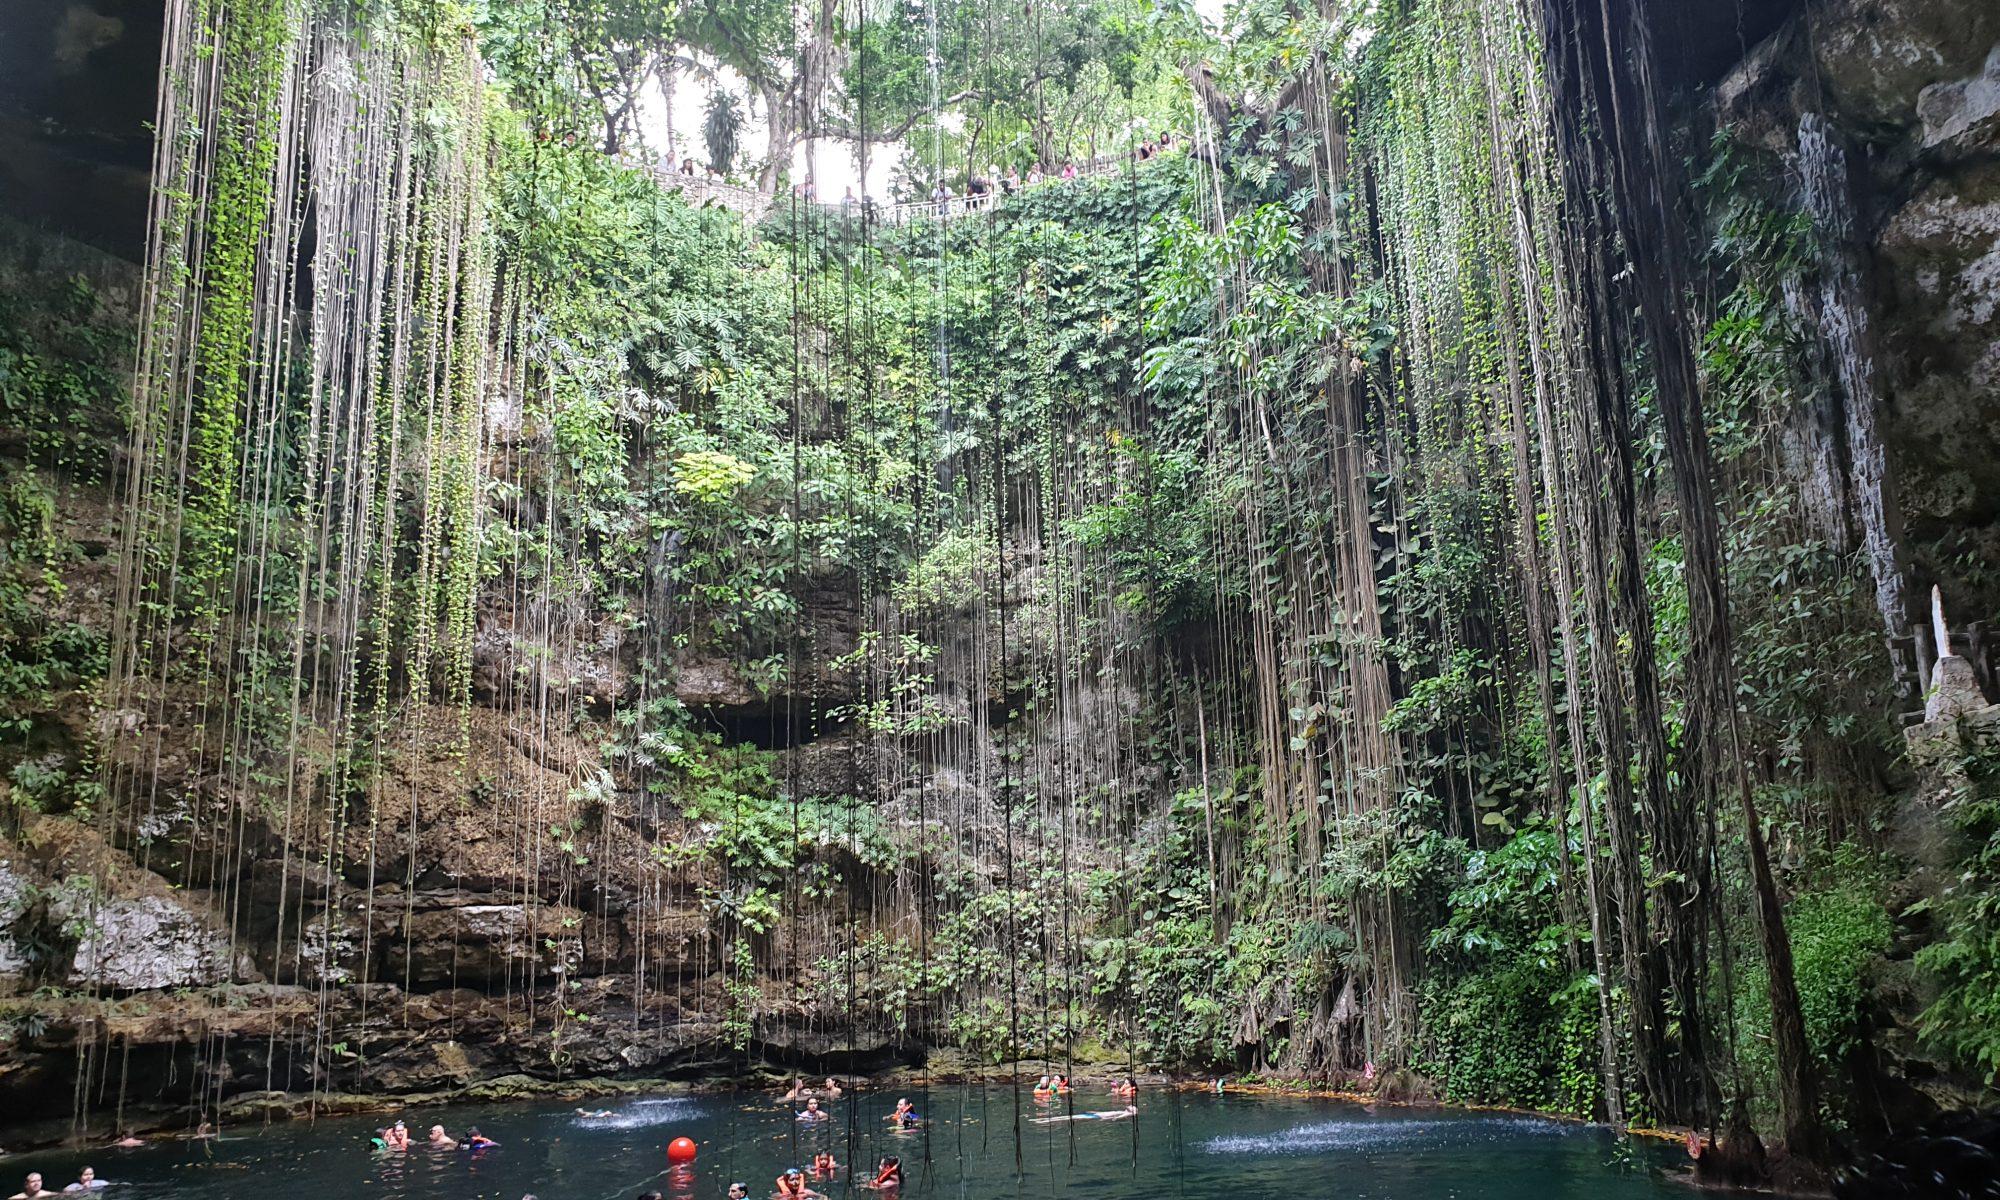 Die Berühmte Maya Cenote Ik Kil in der Nähe von Chichen Itza